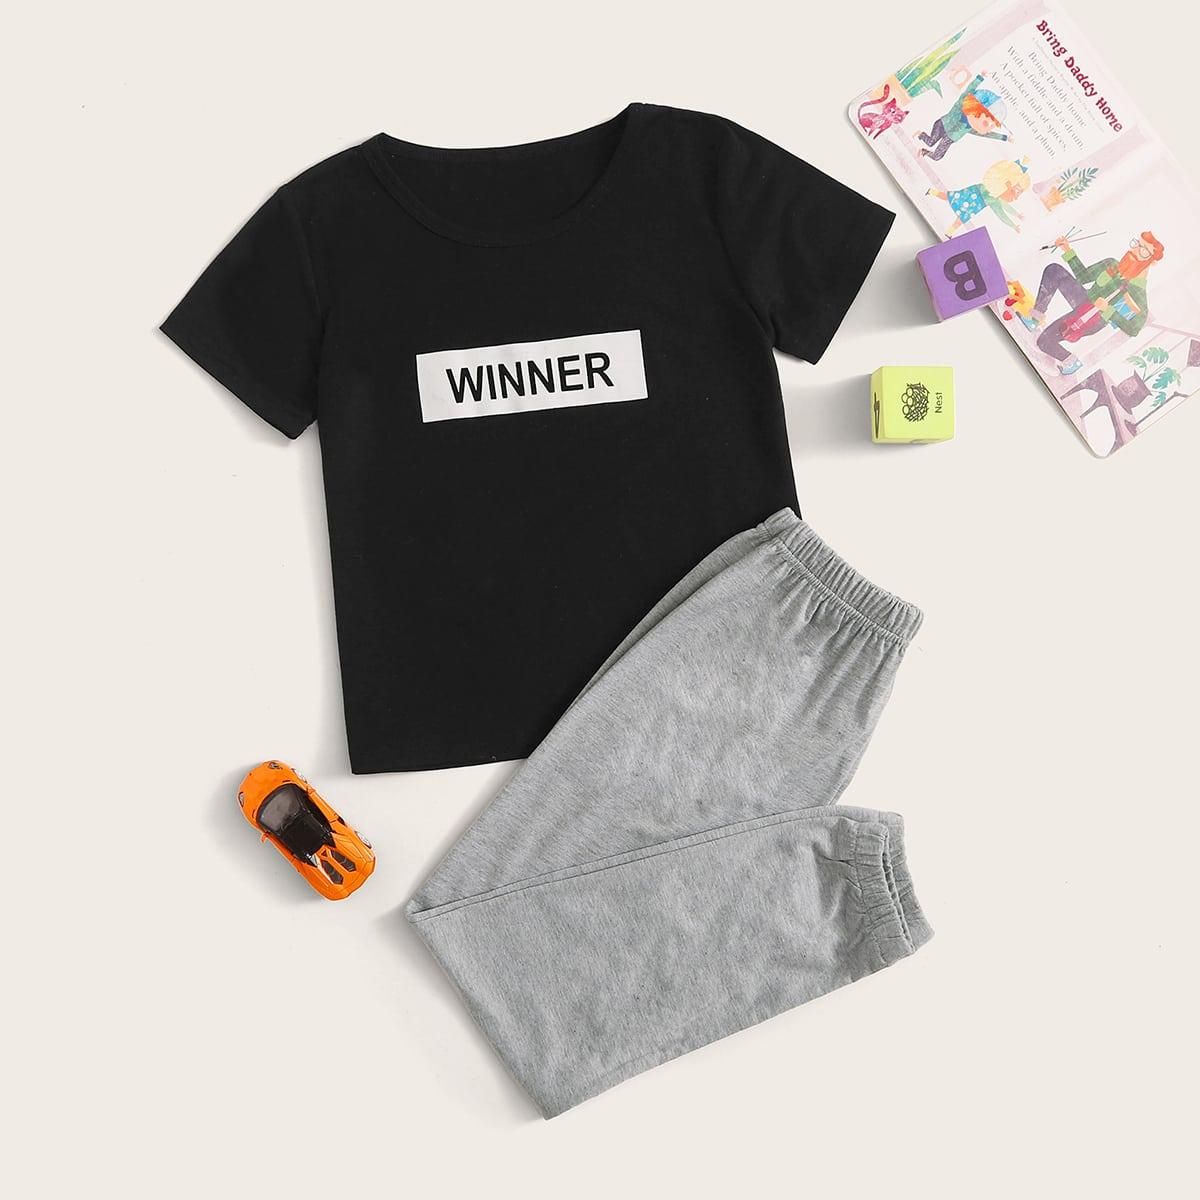 Джоггеры и футболка с текстовым принтом для мальчиков от SHEIN